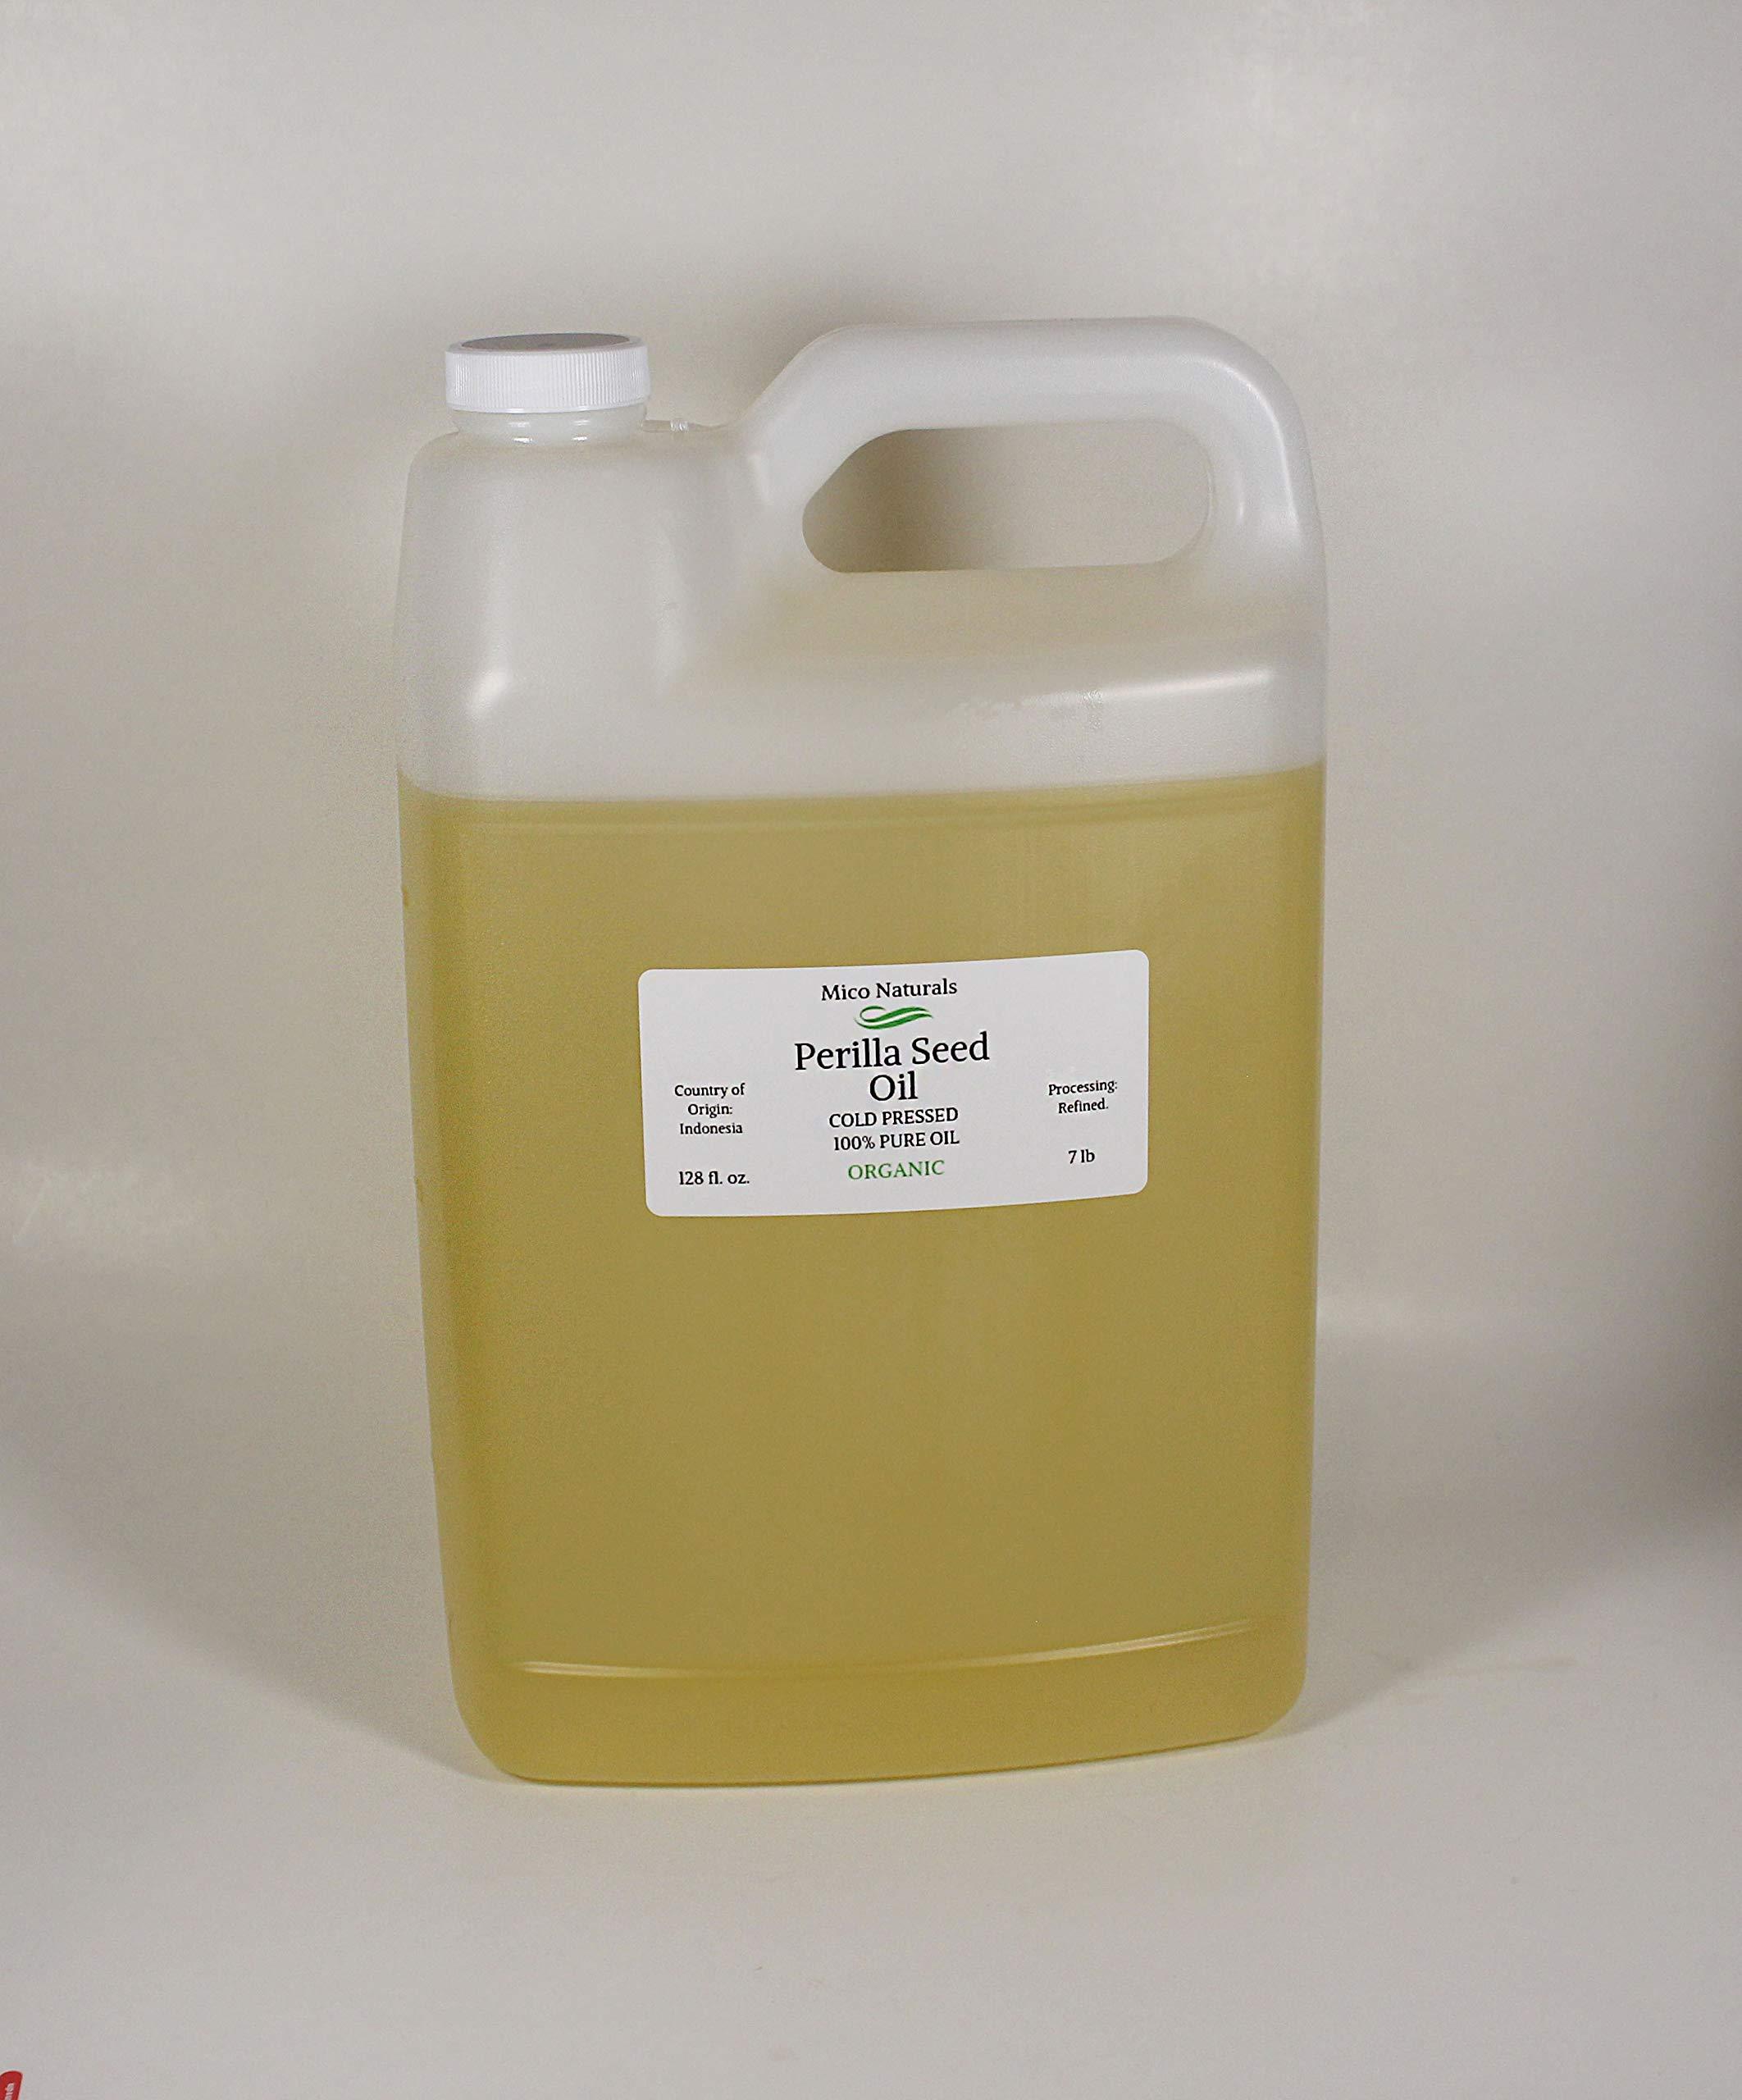 Perilla Seed Oil Organic Cold Pressed Pure 7Lb/Gallon by Mico Naturals